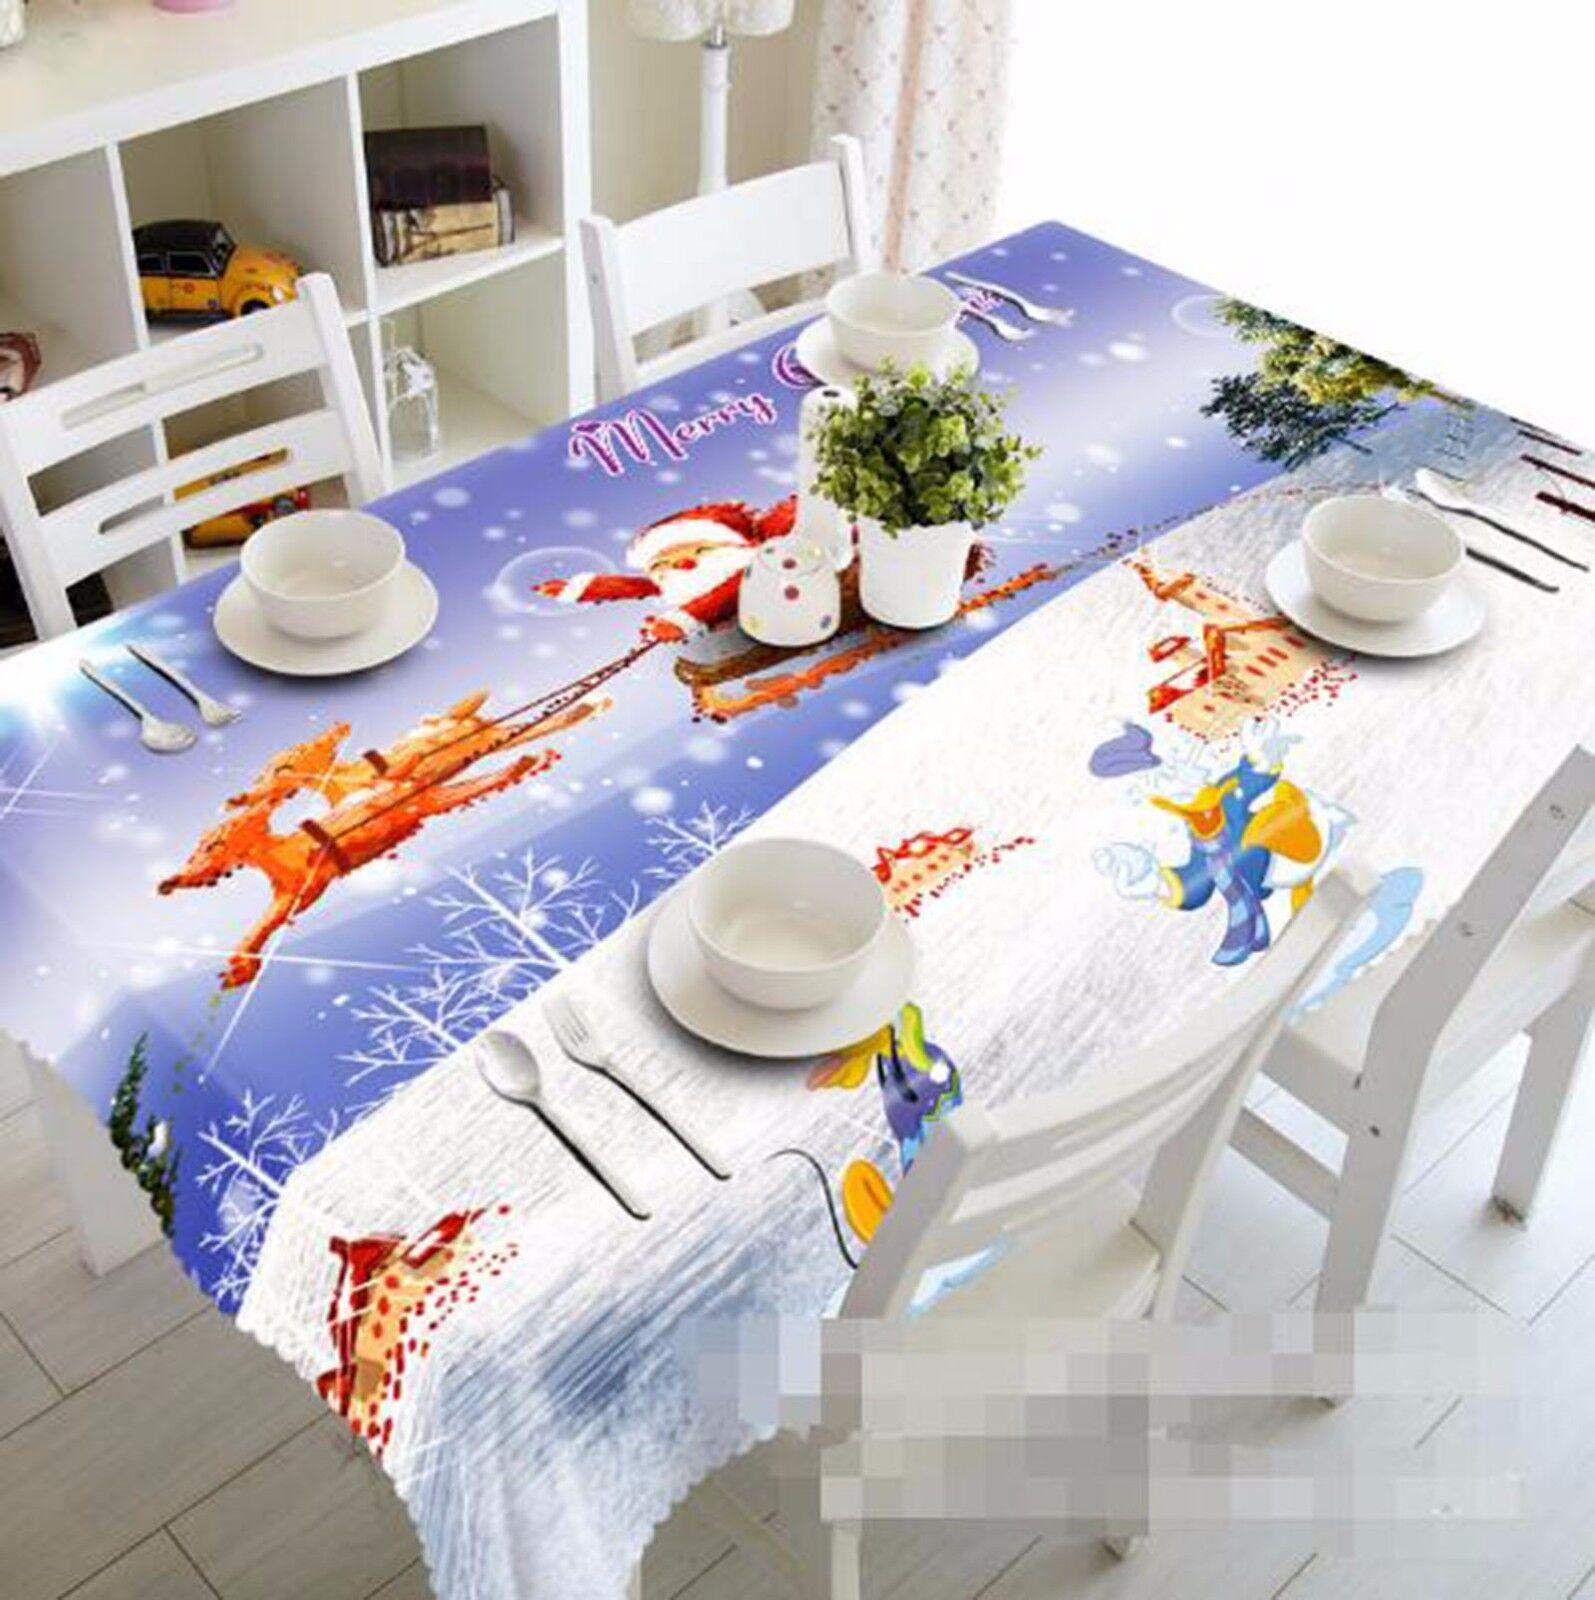 3D Neige 51 Nappe Table Cover Cloth fête d'anniversaire AJ papier peint Royaume-Uni Citron